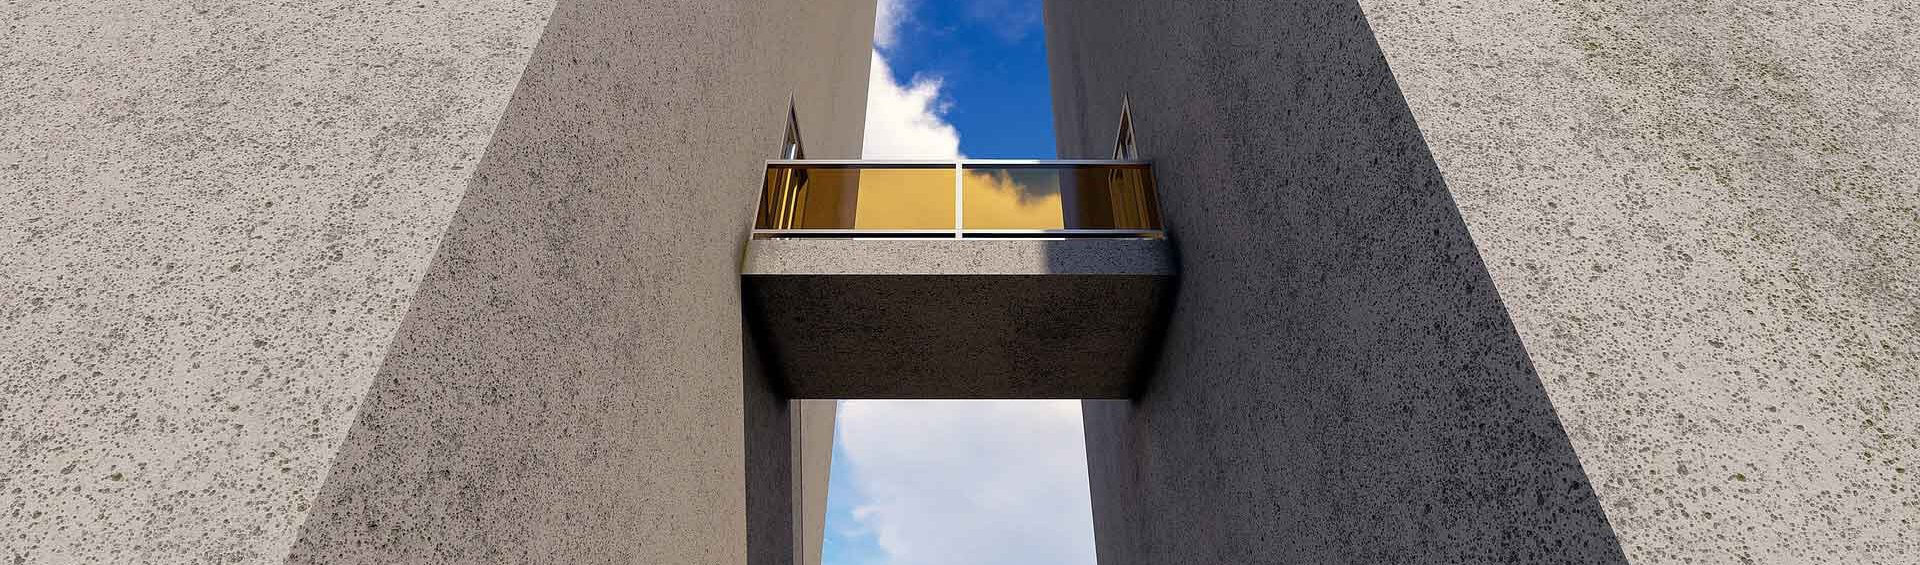 Architektonische Herausforderung